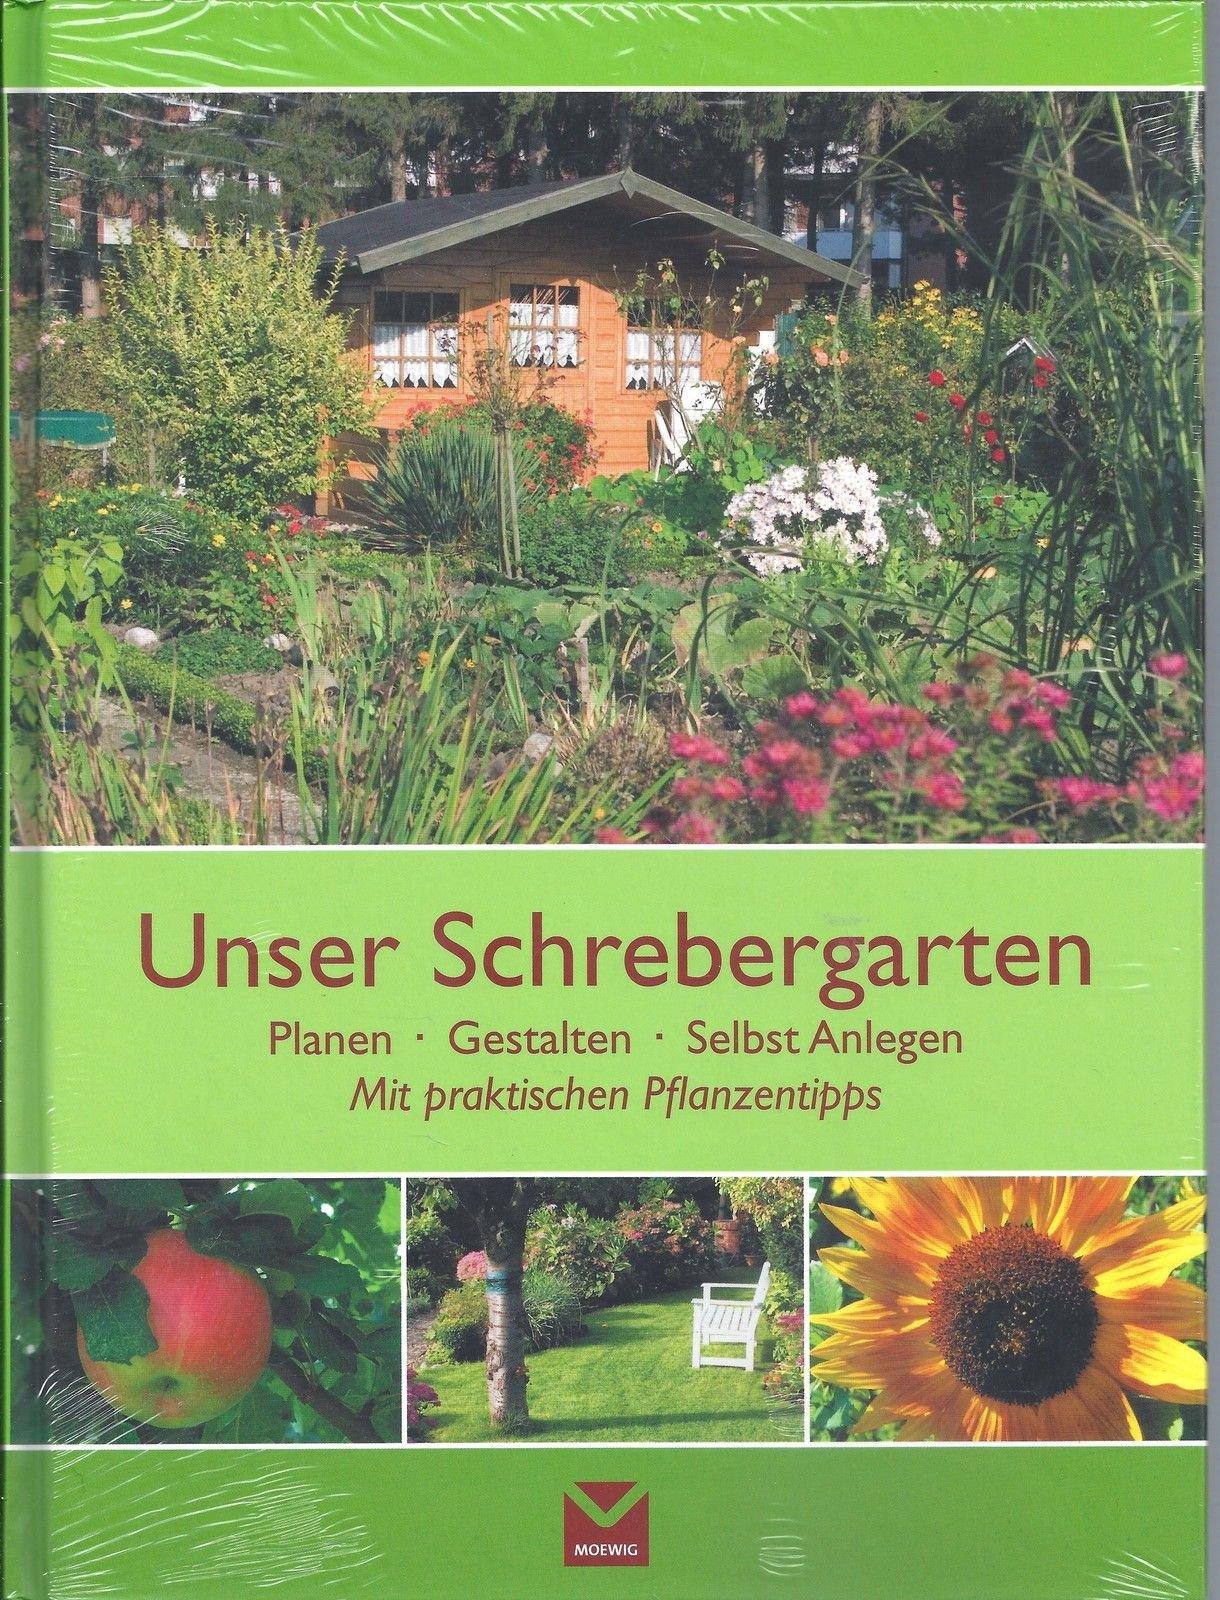 Elegant Kleingarten Gestalten Design